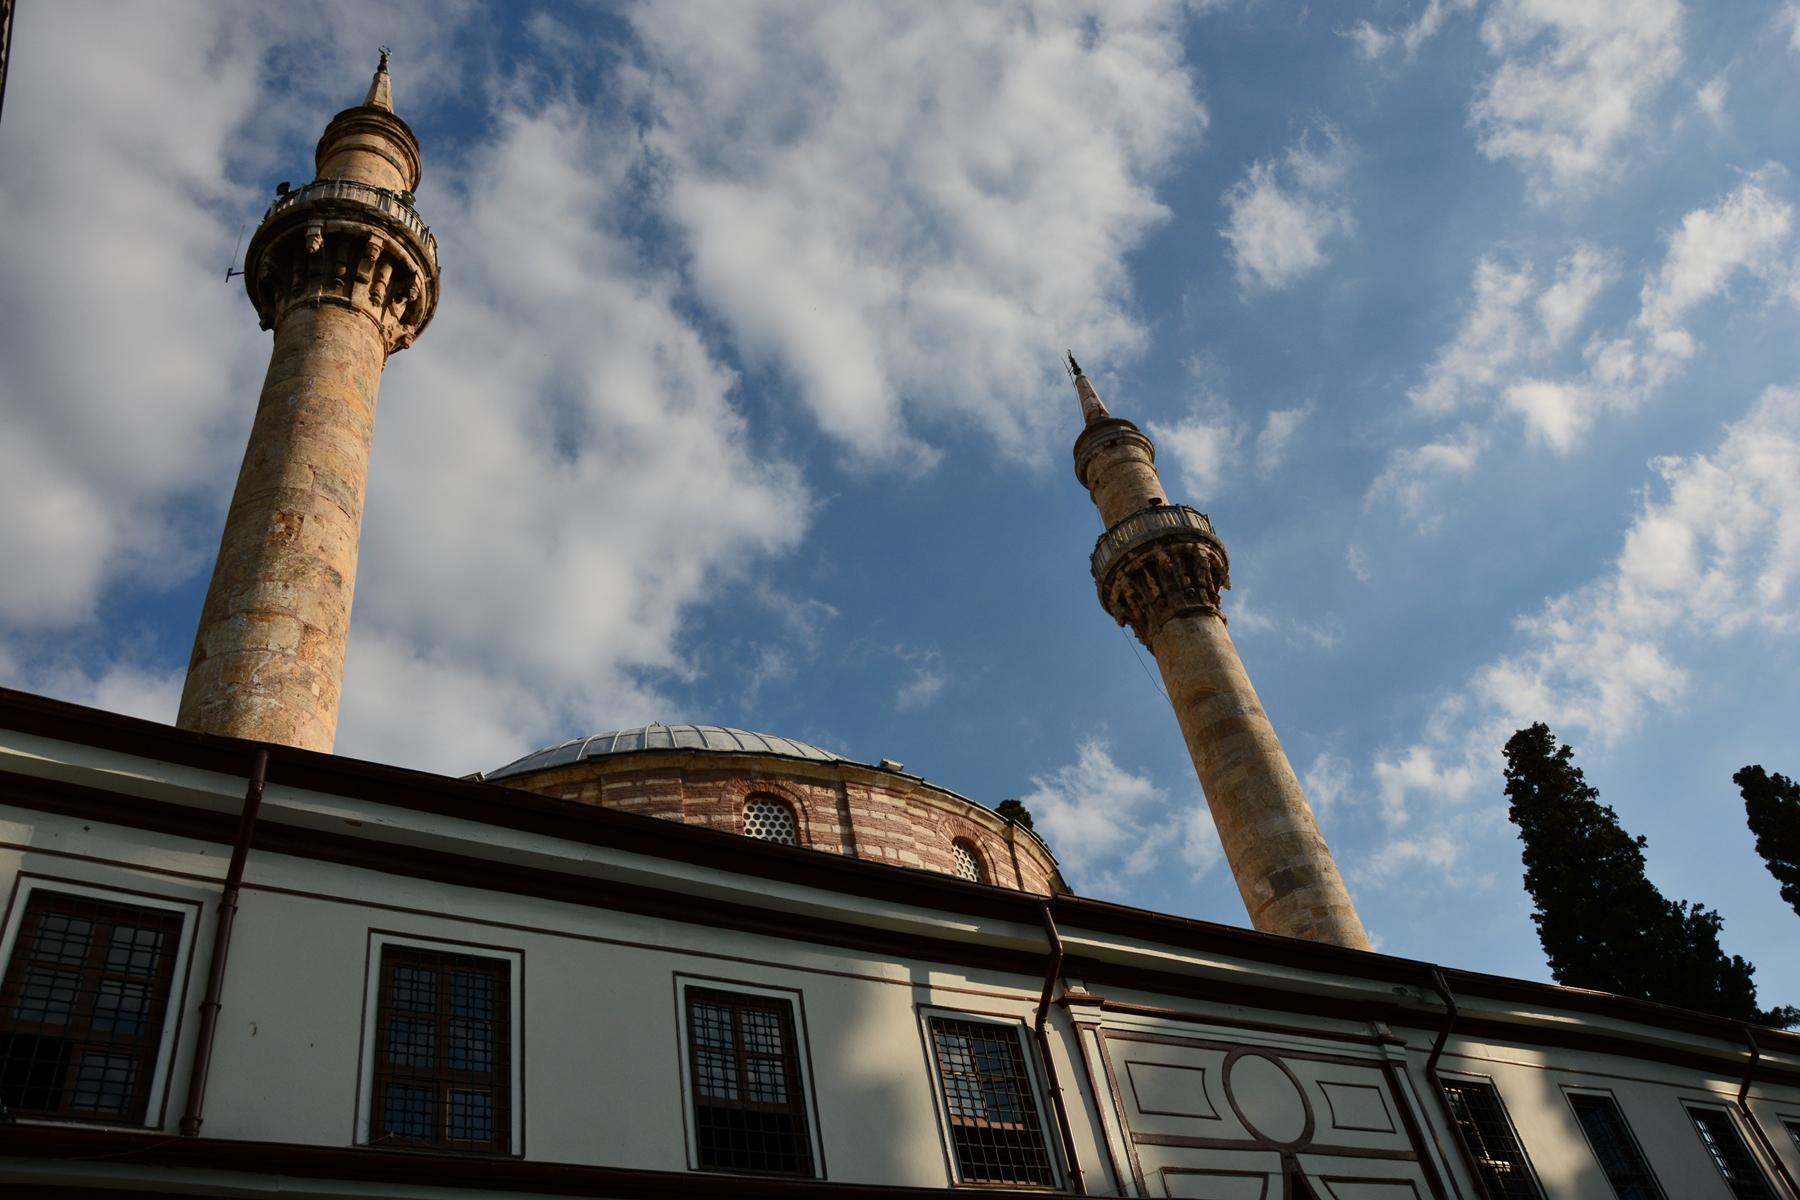 A Nagy Mecset (Ulu Camii)